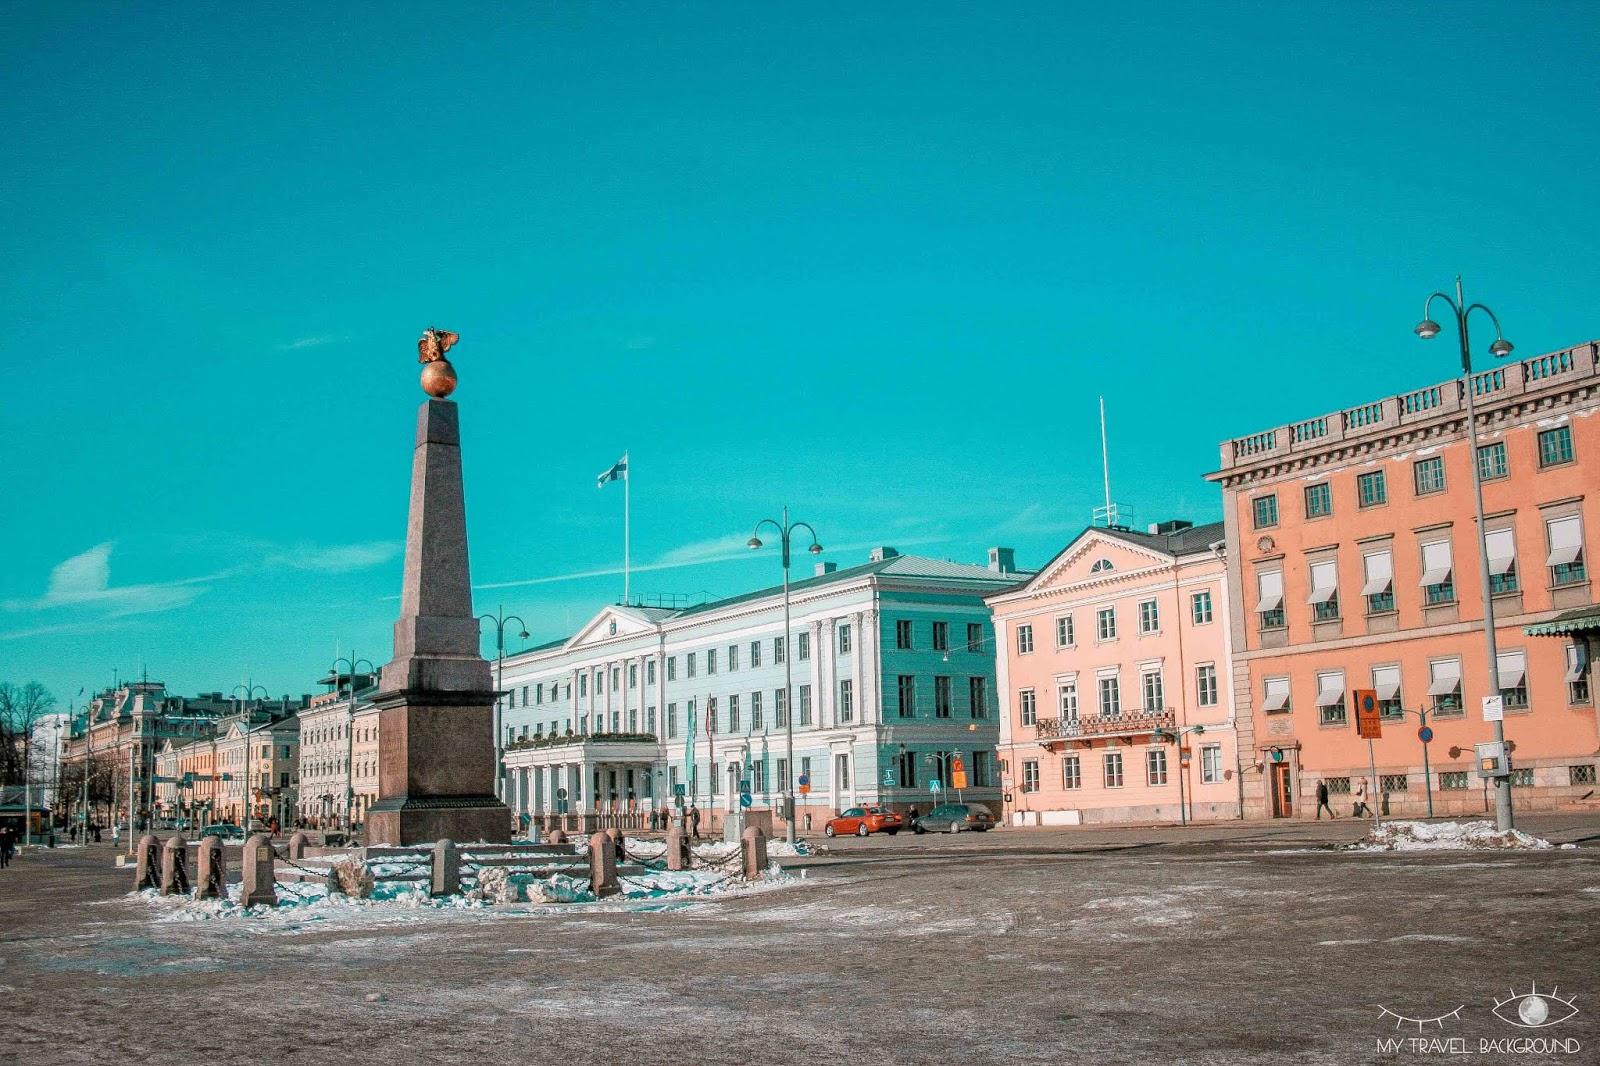 My Travel Background : 2 jours pour découvrir Helsinki, la capitale de la Finlande - Place du marché